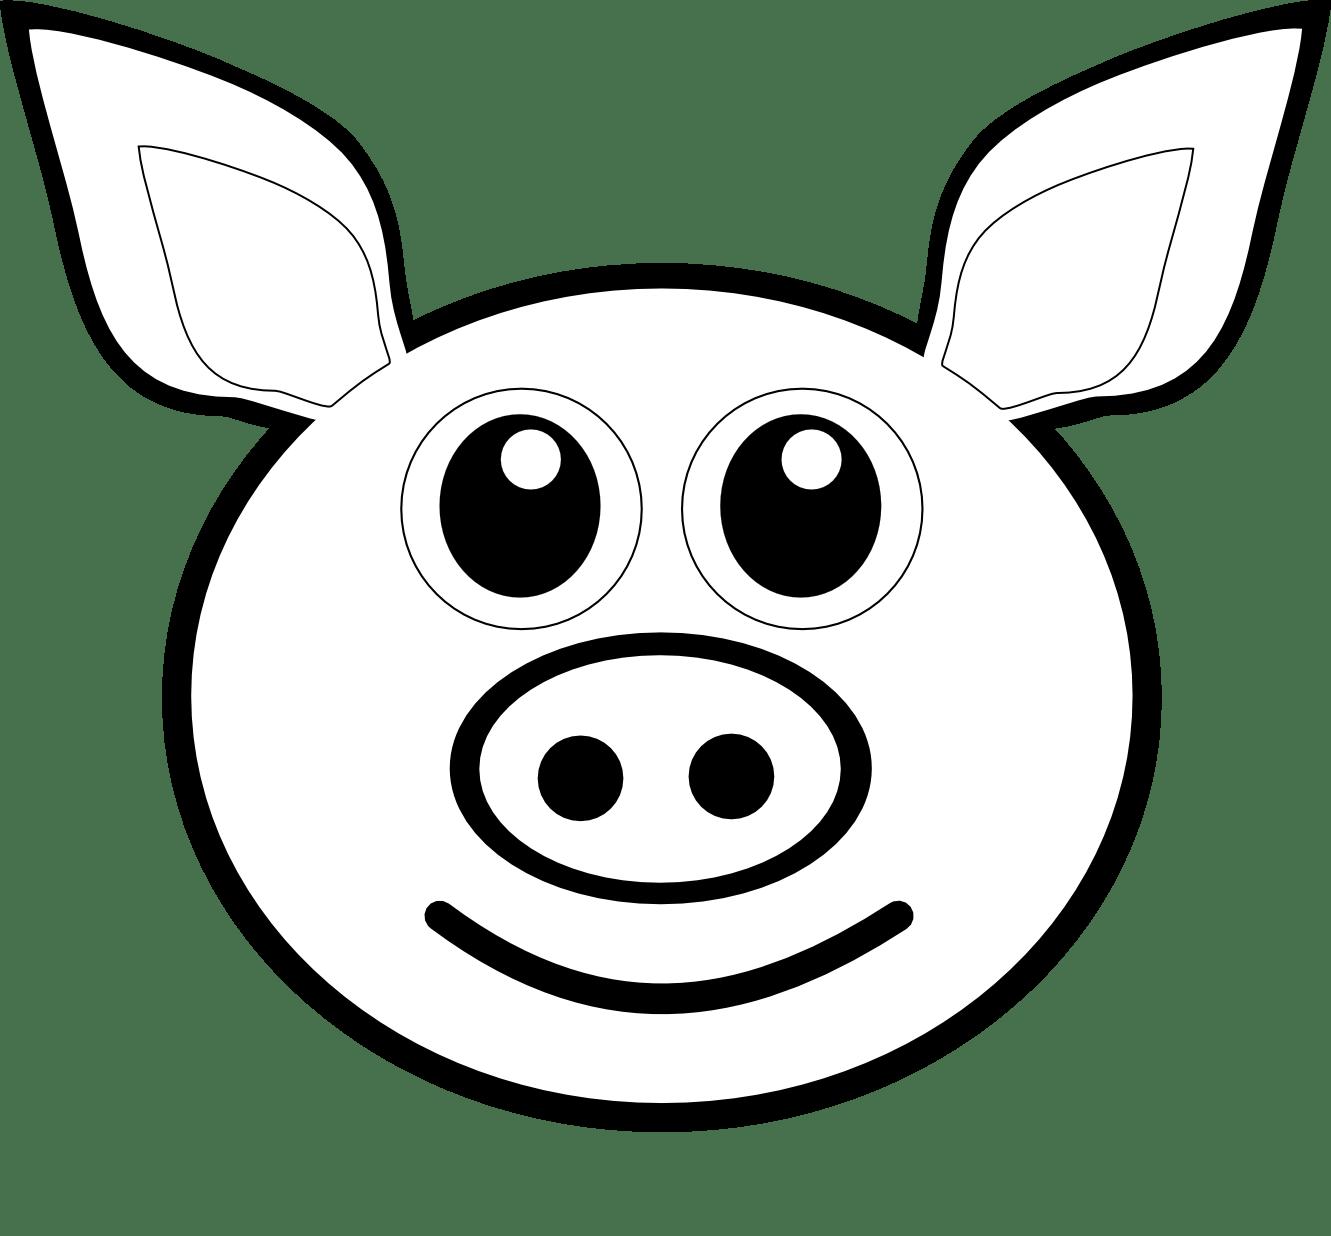 Cute Pig Face Clip Art Clipart Panda